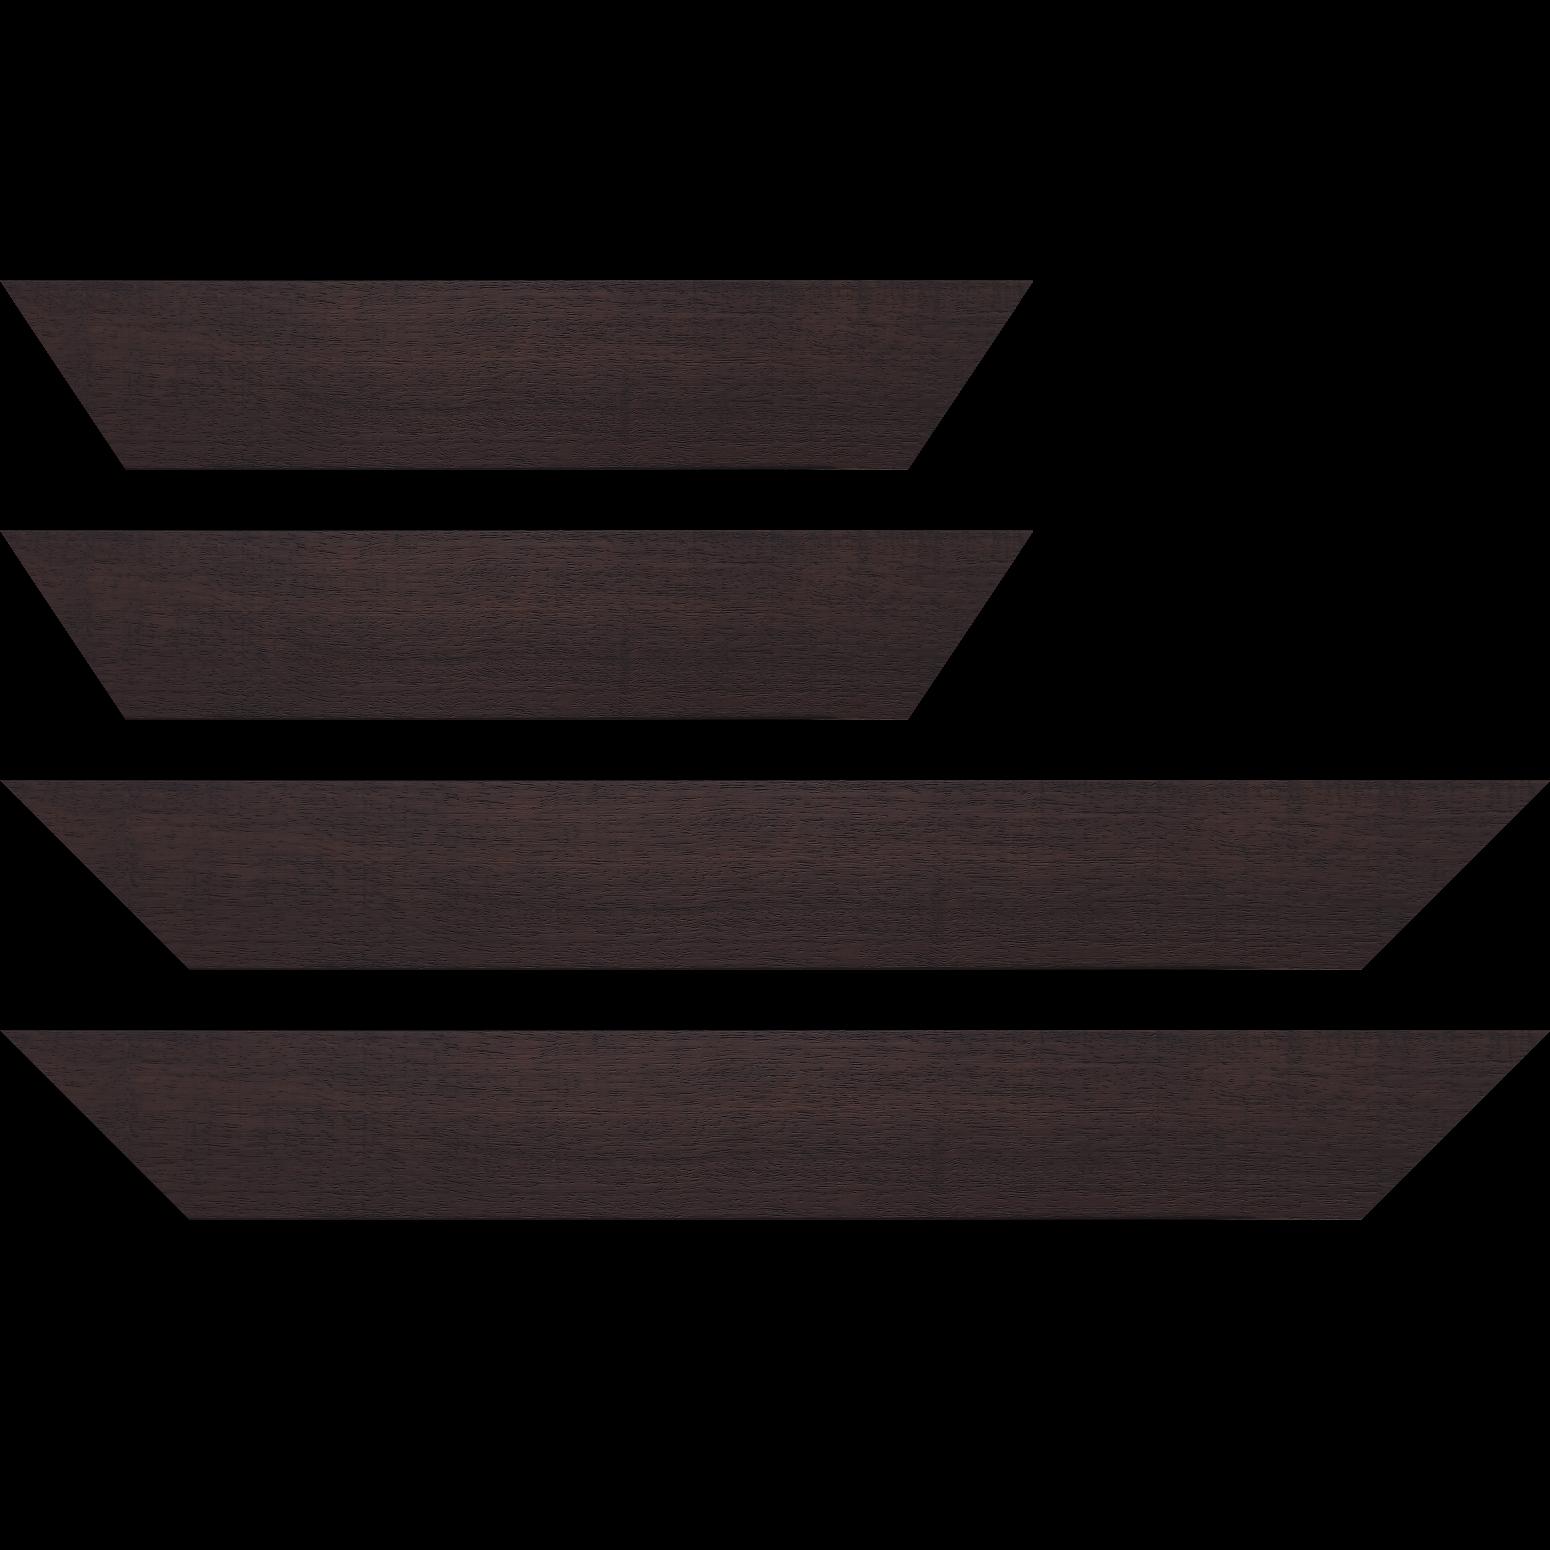 Baguette service précoupé Bois profil plat largeur 5.9cm couleur marron foncé satiné